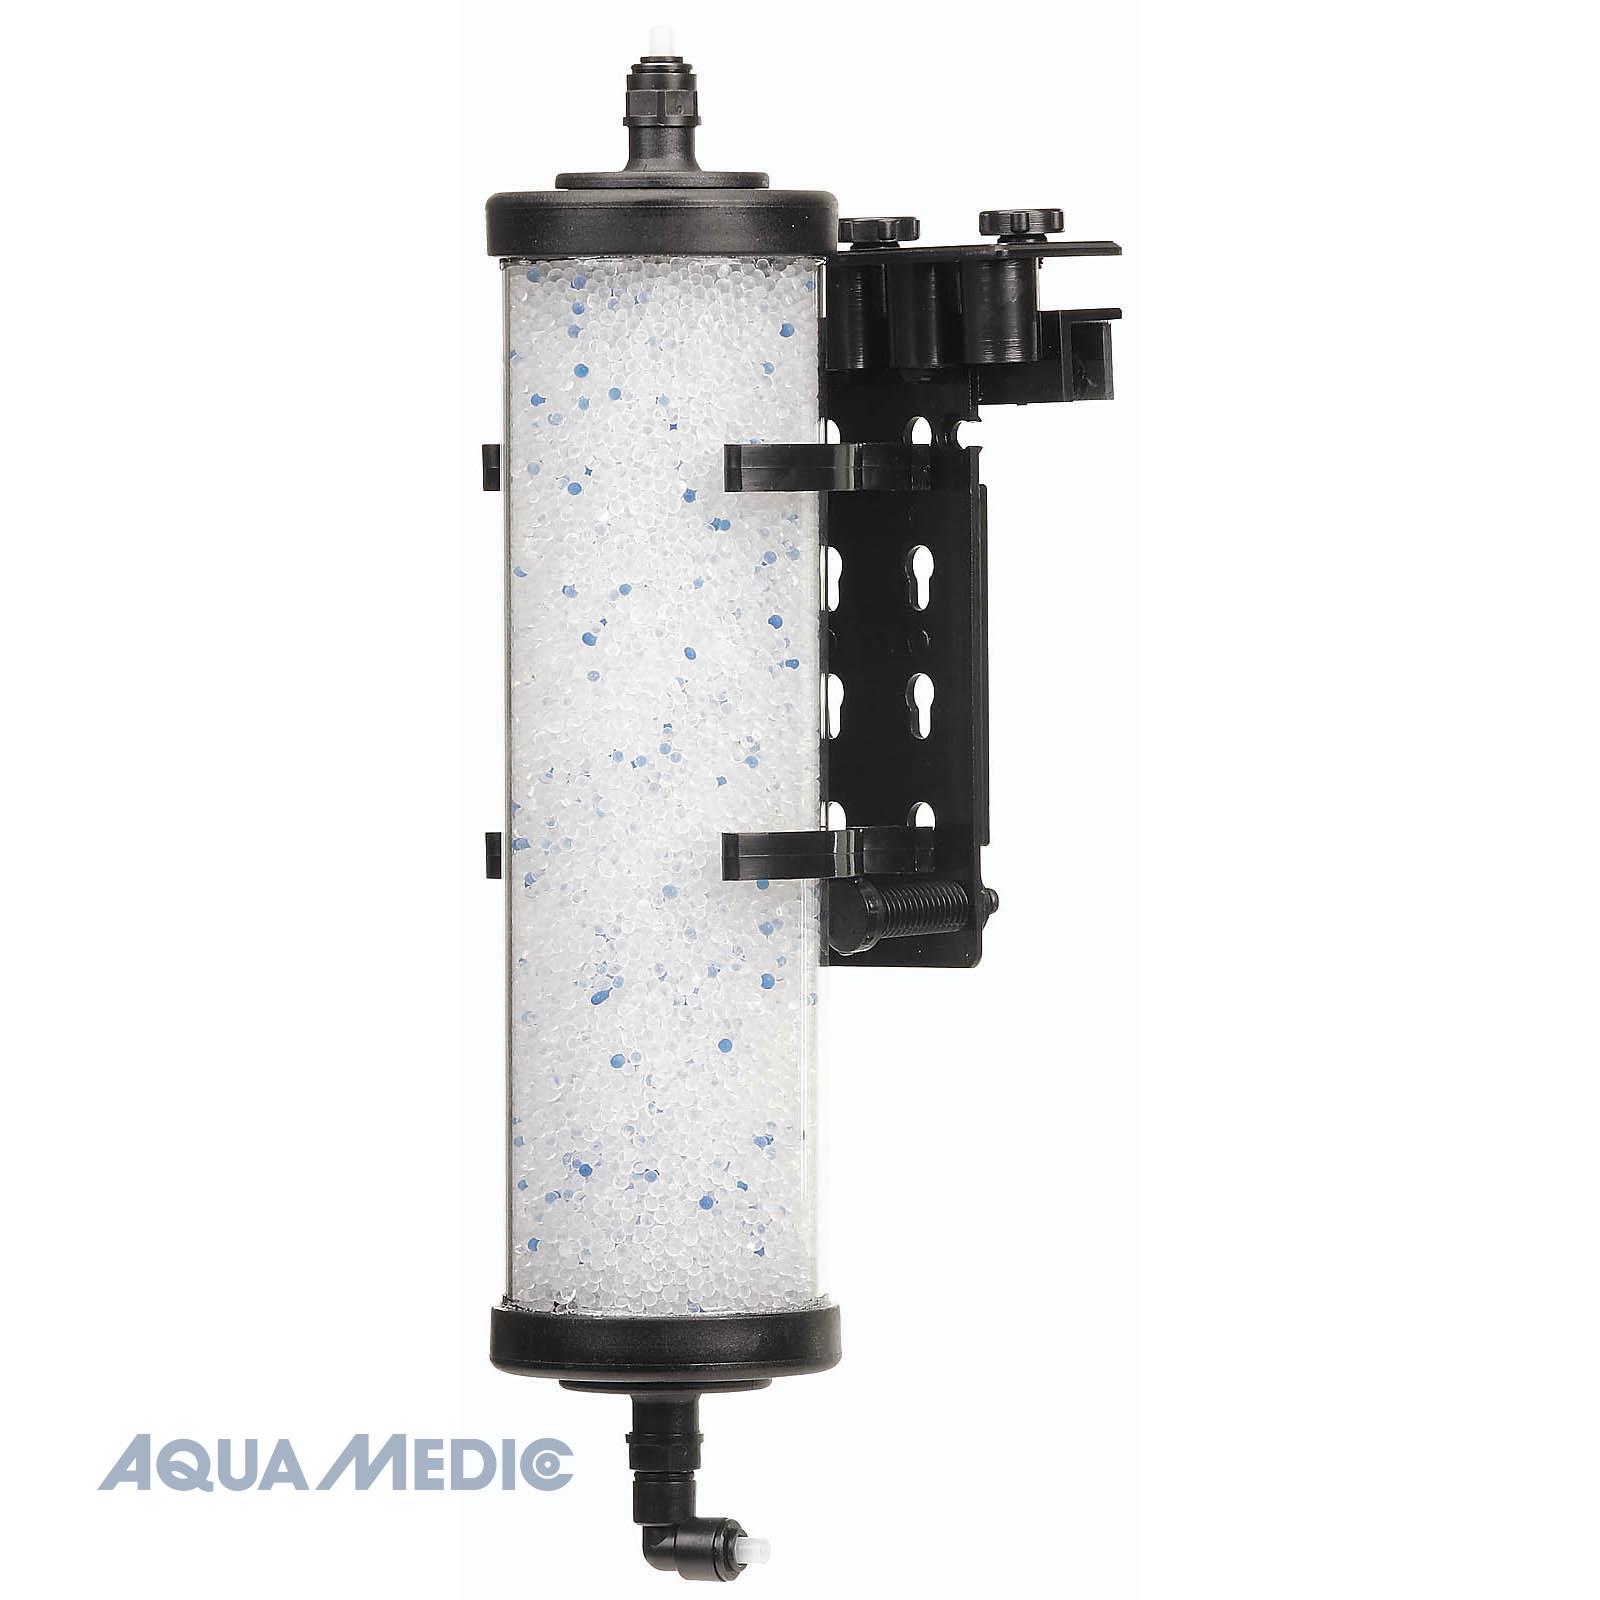 Ozone Booster - Lufttrockner als Zubehör zu den Aqua Medic Ozongeneratoren